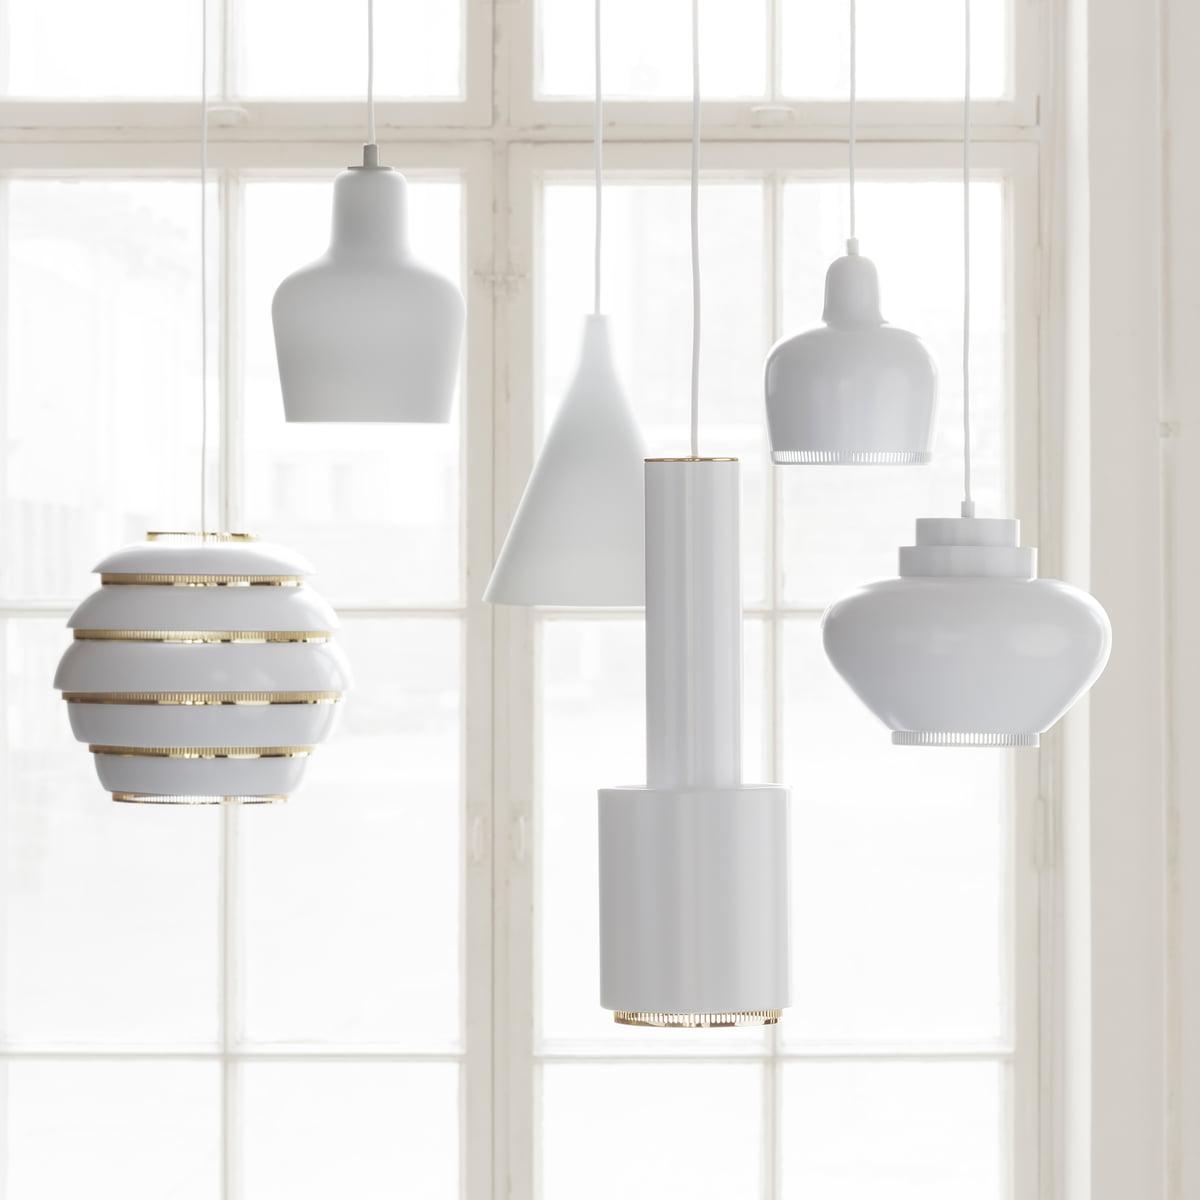 adventsleuchter weniger lampen